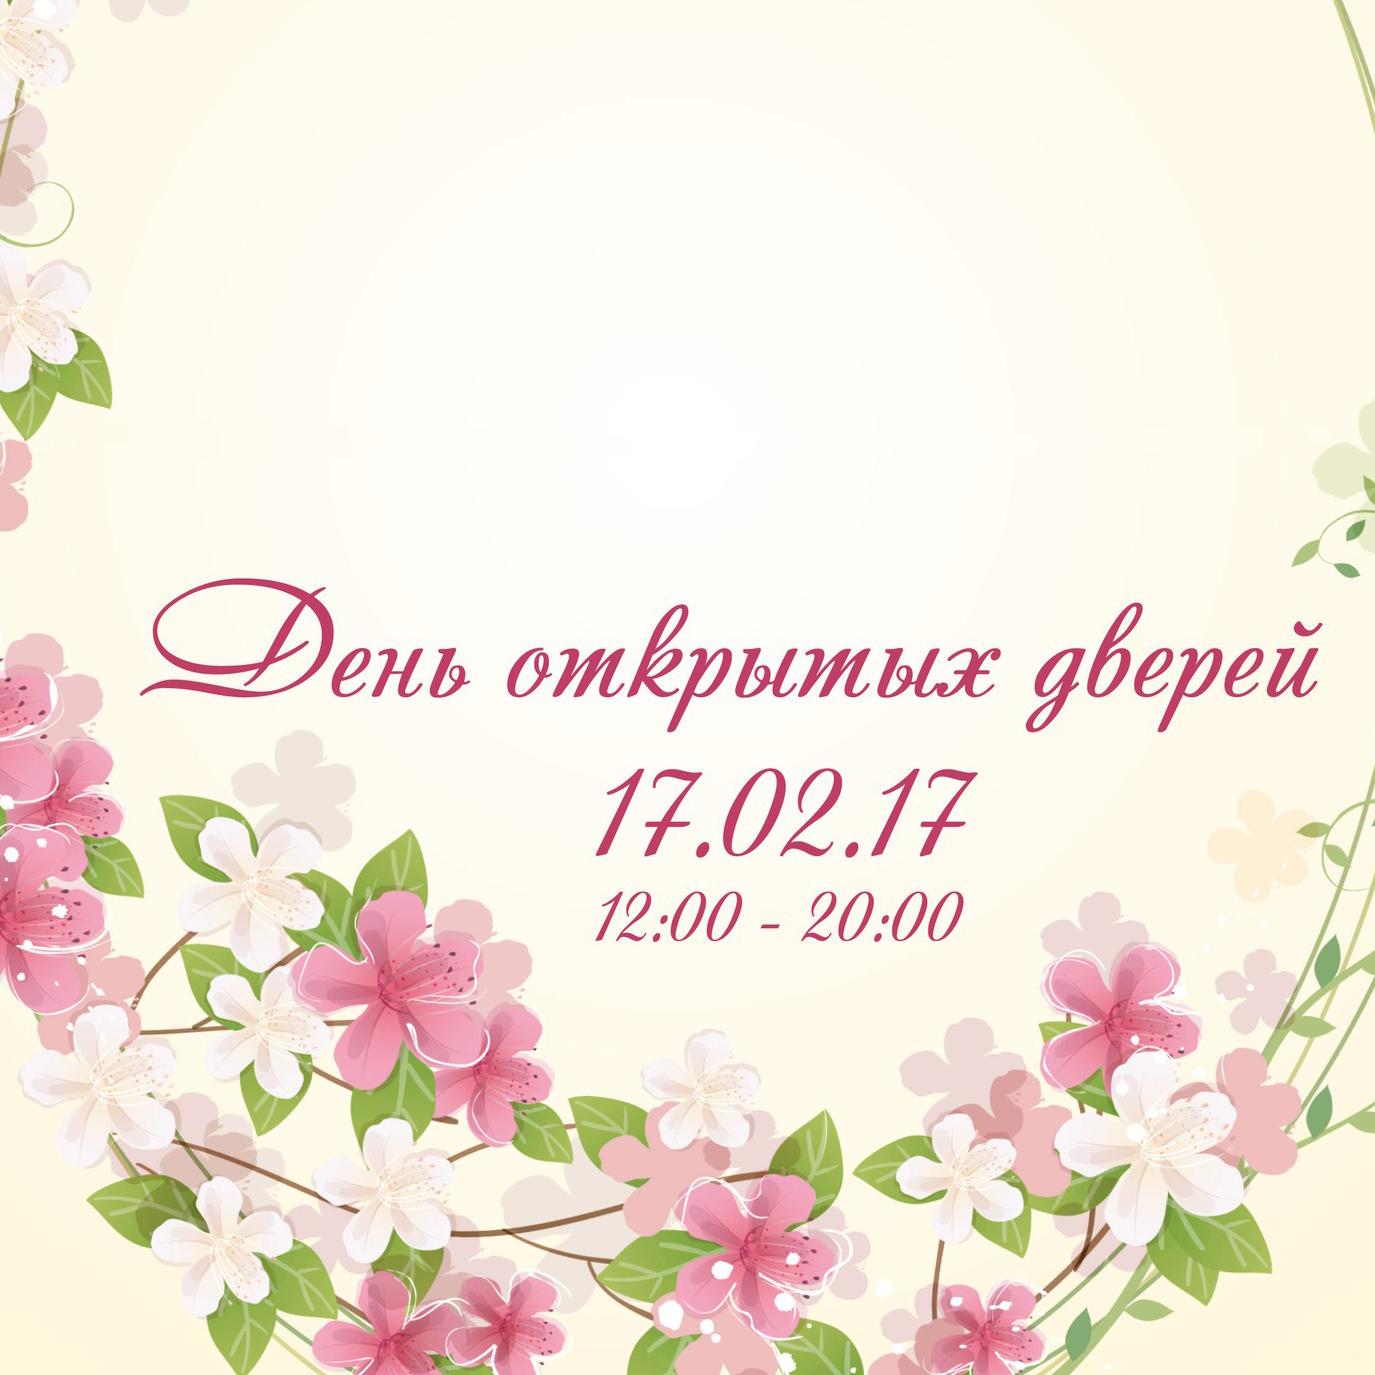 17 февраля - День открытых дверей